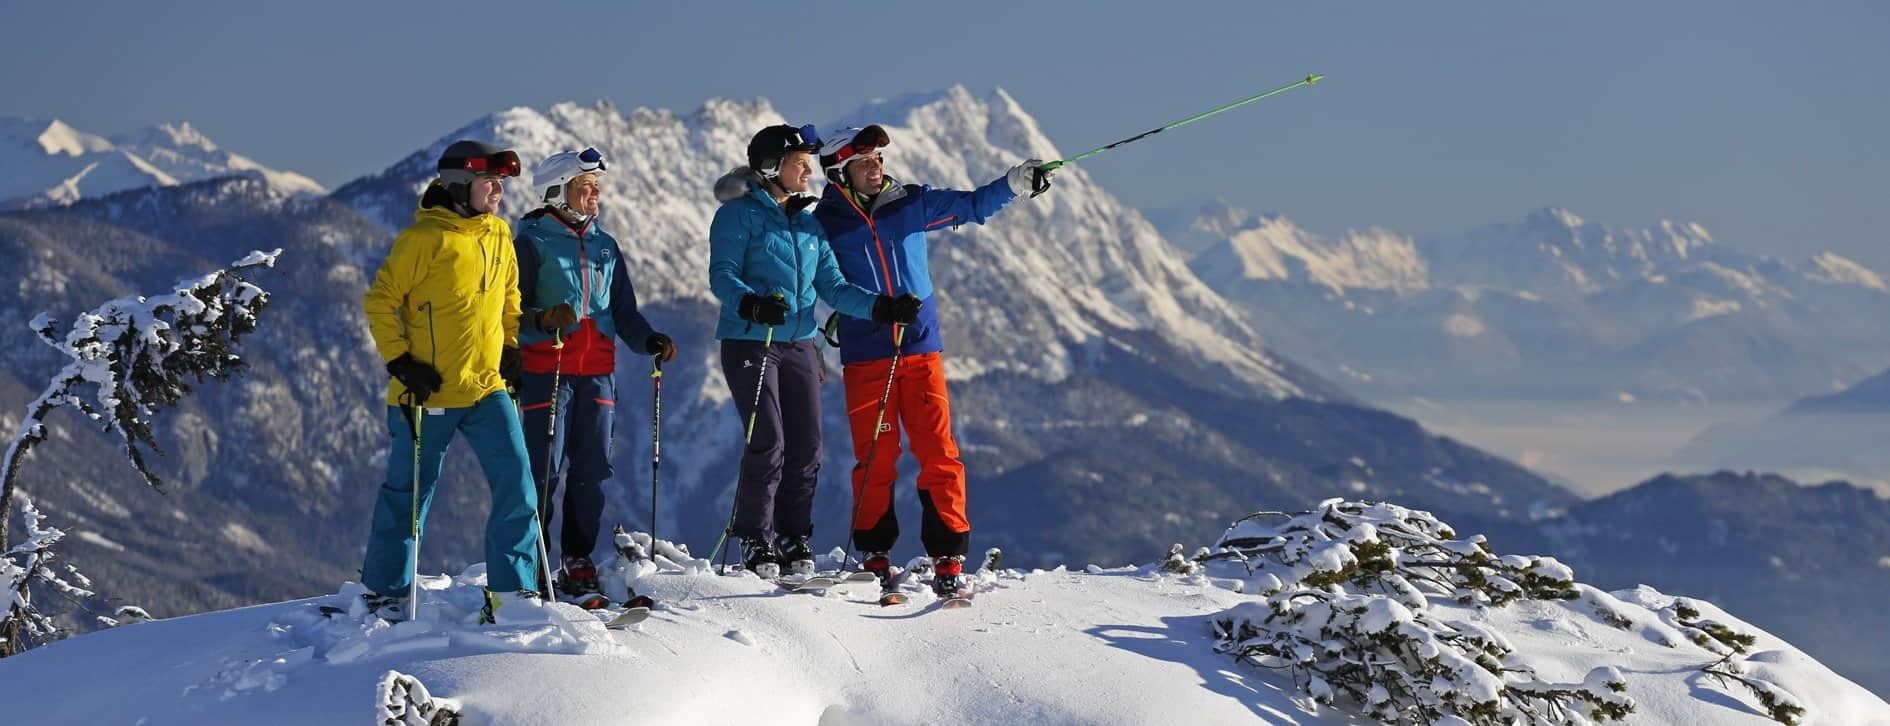 Skidresor och skidsemester med Austria Travel - Härlig utsikt